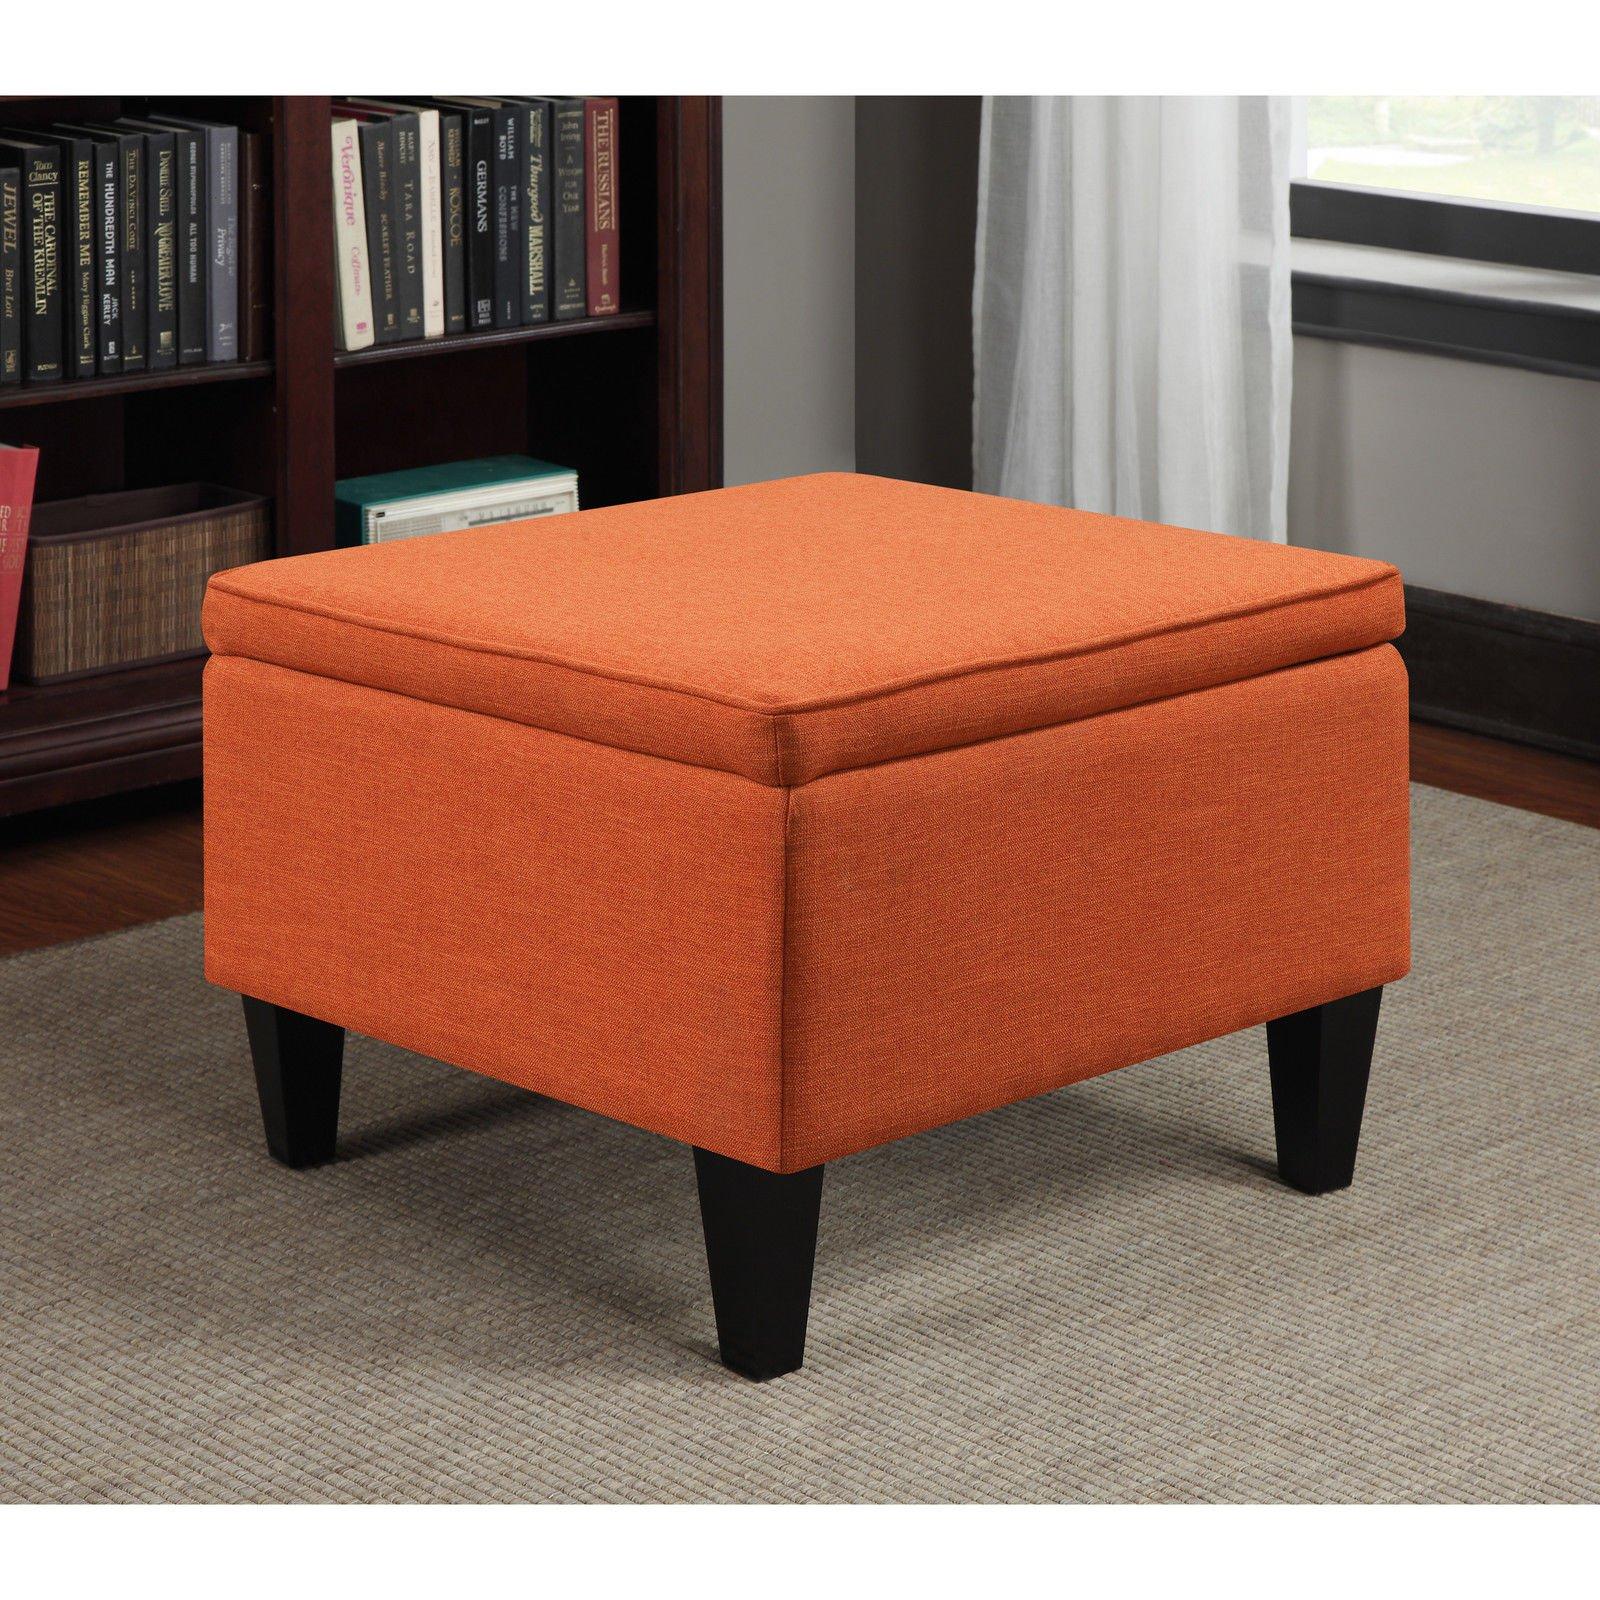 Portfolio Engle Flip Over Table & Storage Ottoman in Durable Orange Linen-like Fabric and Dark Espresso Finish